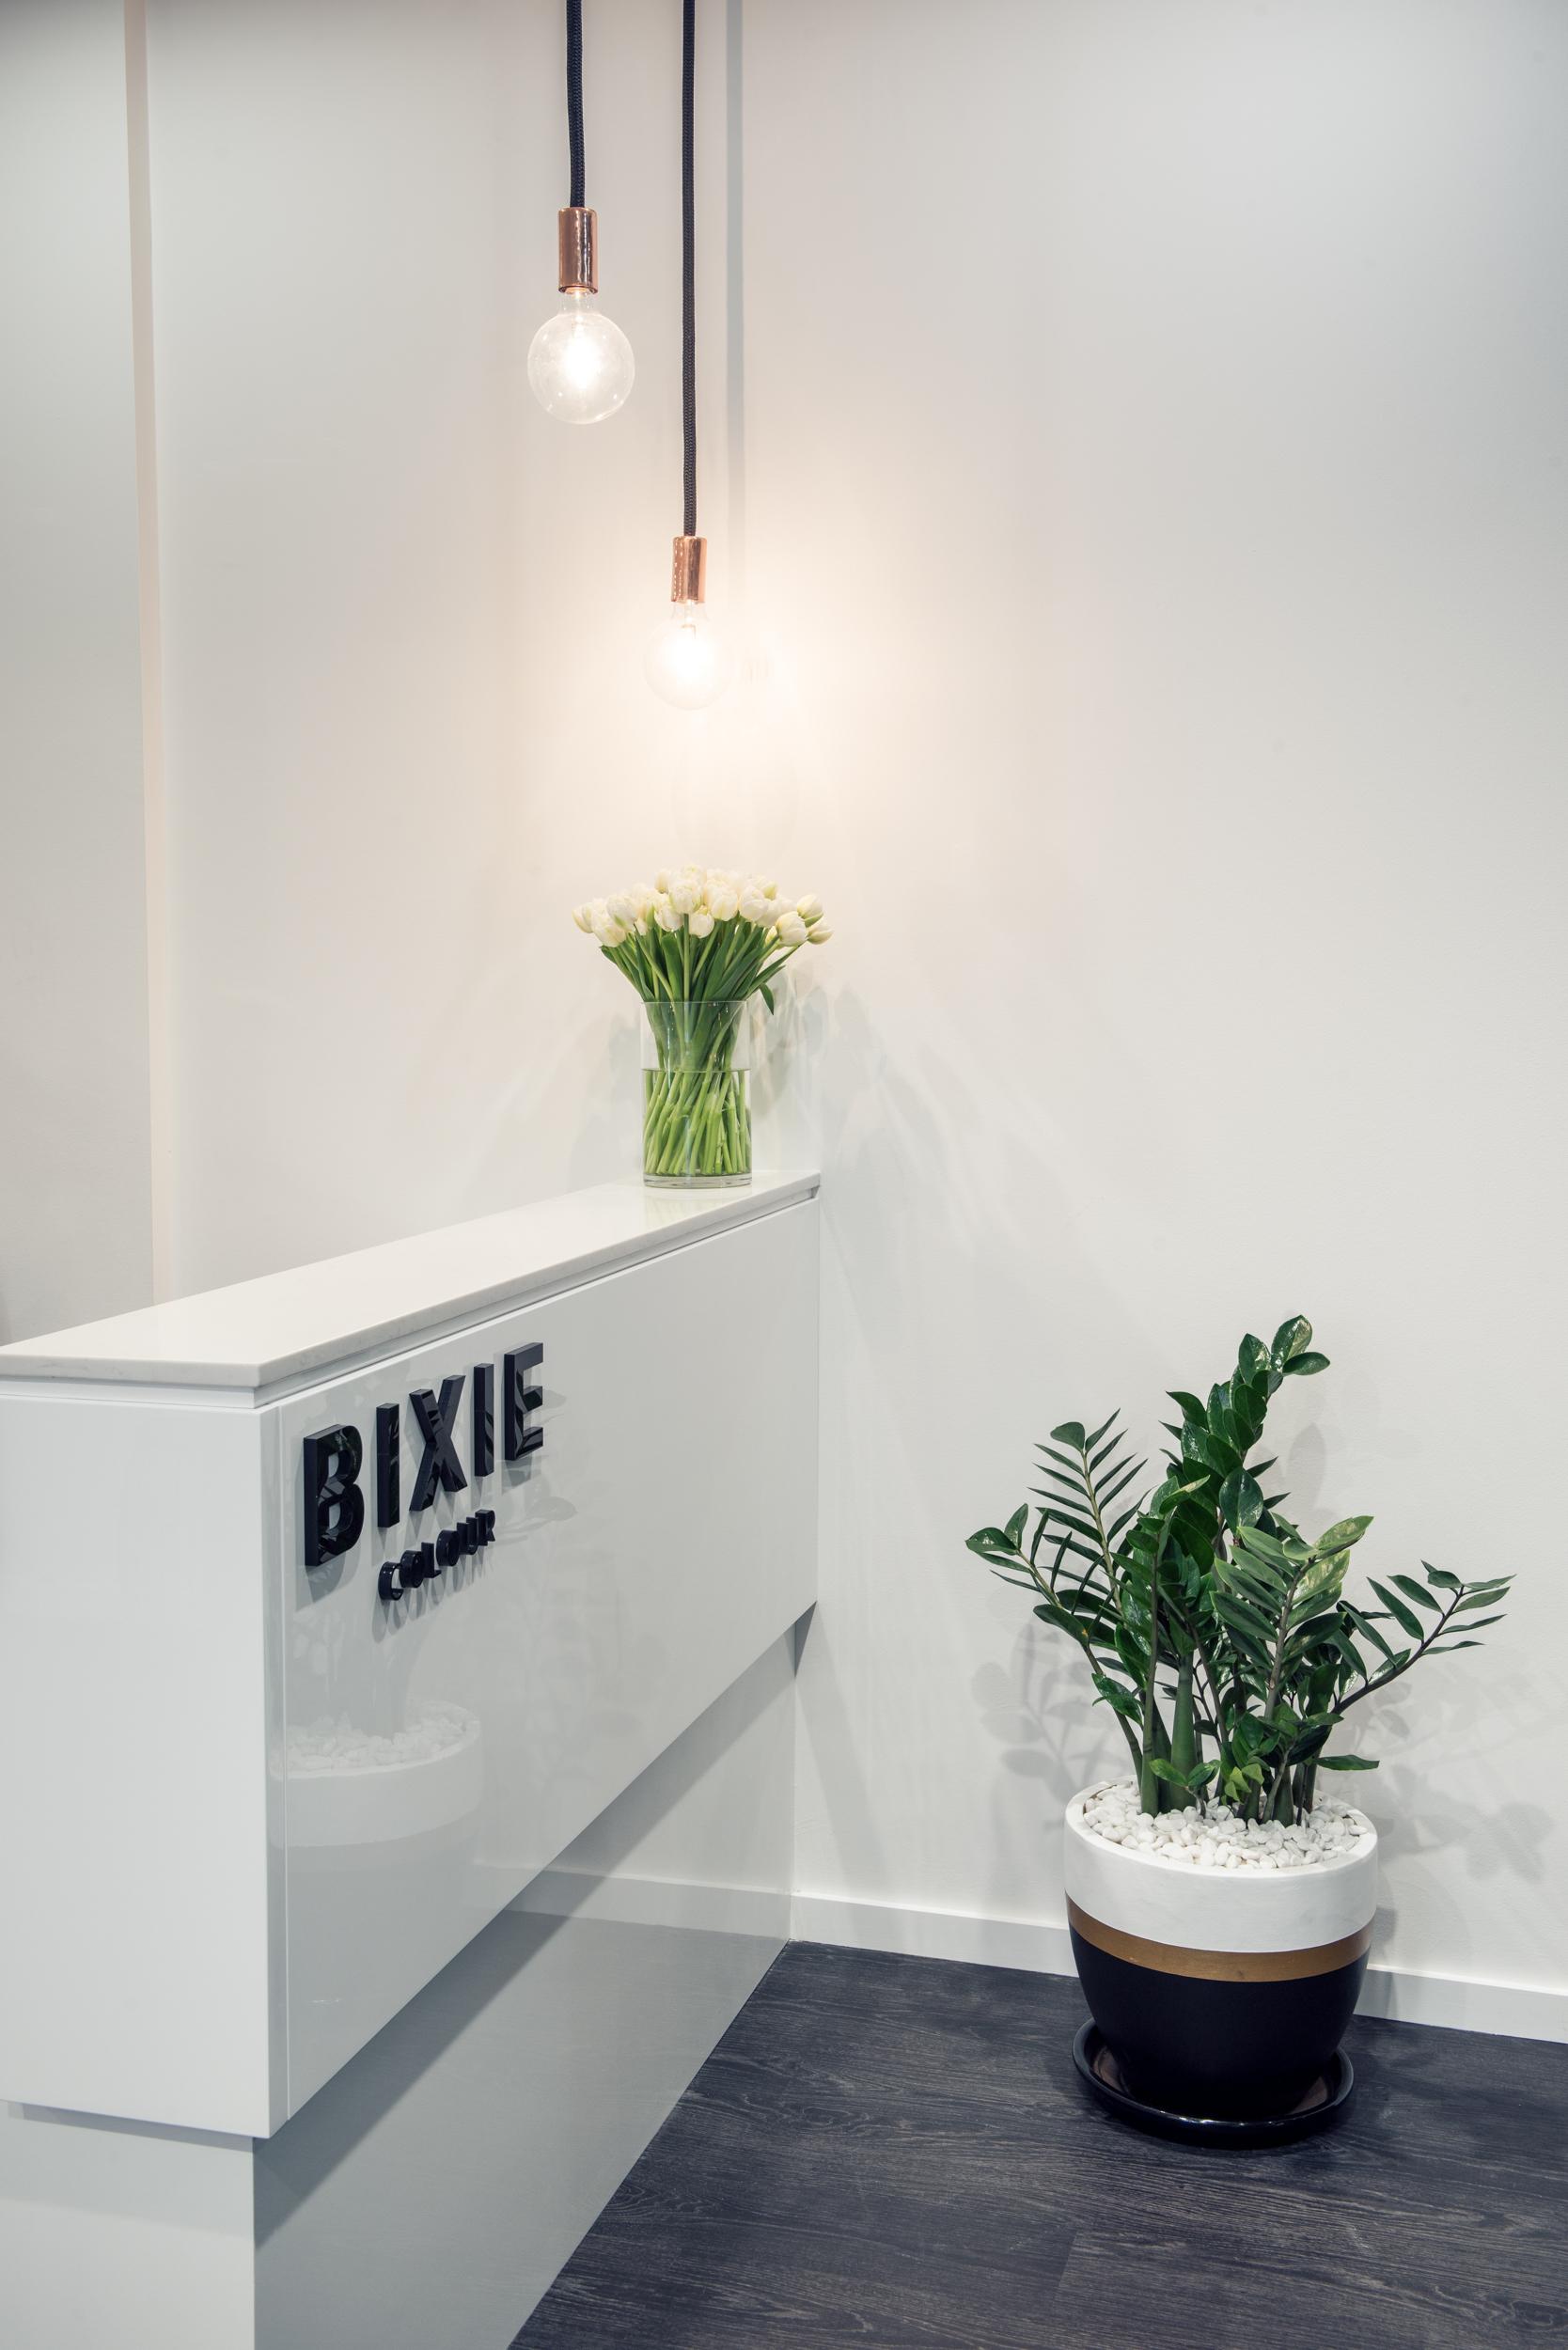 Bixie LRes-22